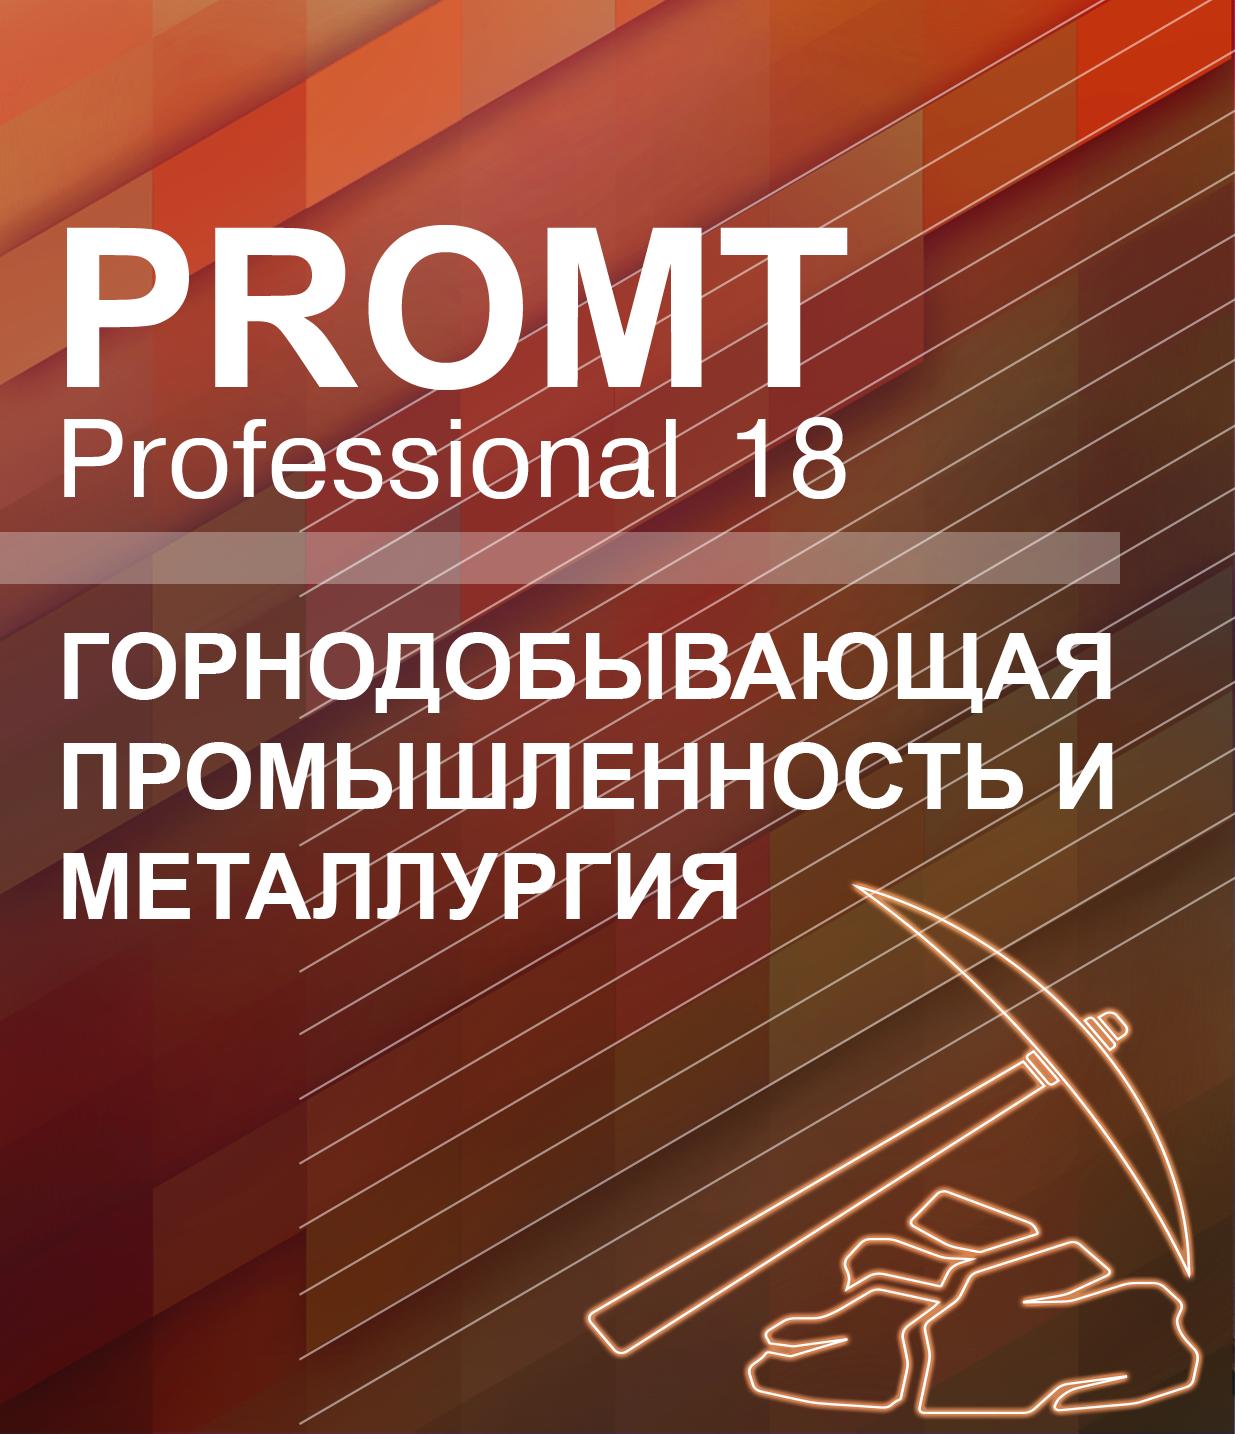 PROMT Professional 18 Горнодобывающая промышленность и металлургия